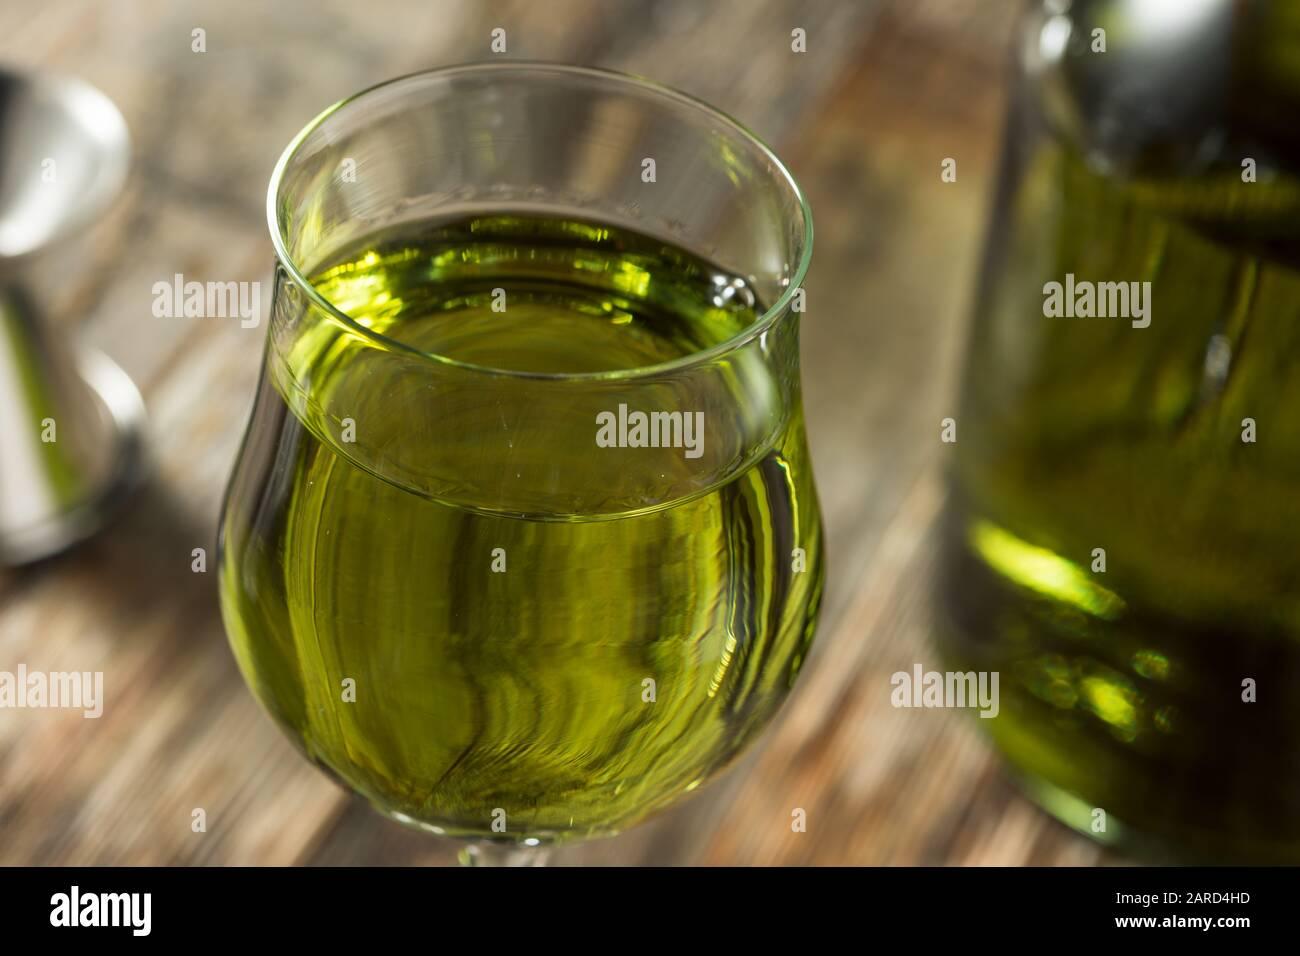 Liqueur verte de Chartreuse biologique dans un verre Banque D'Images